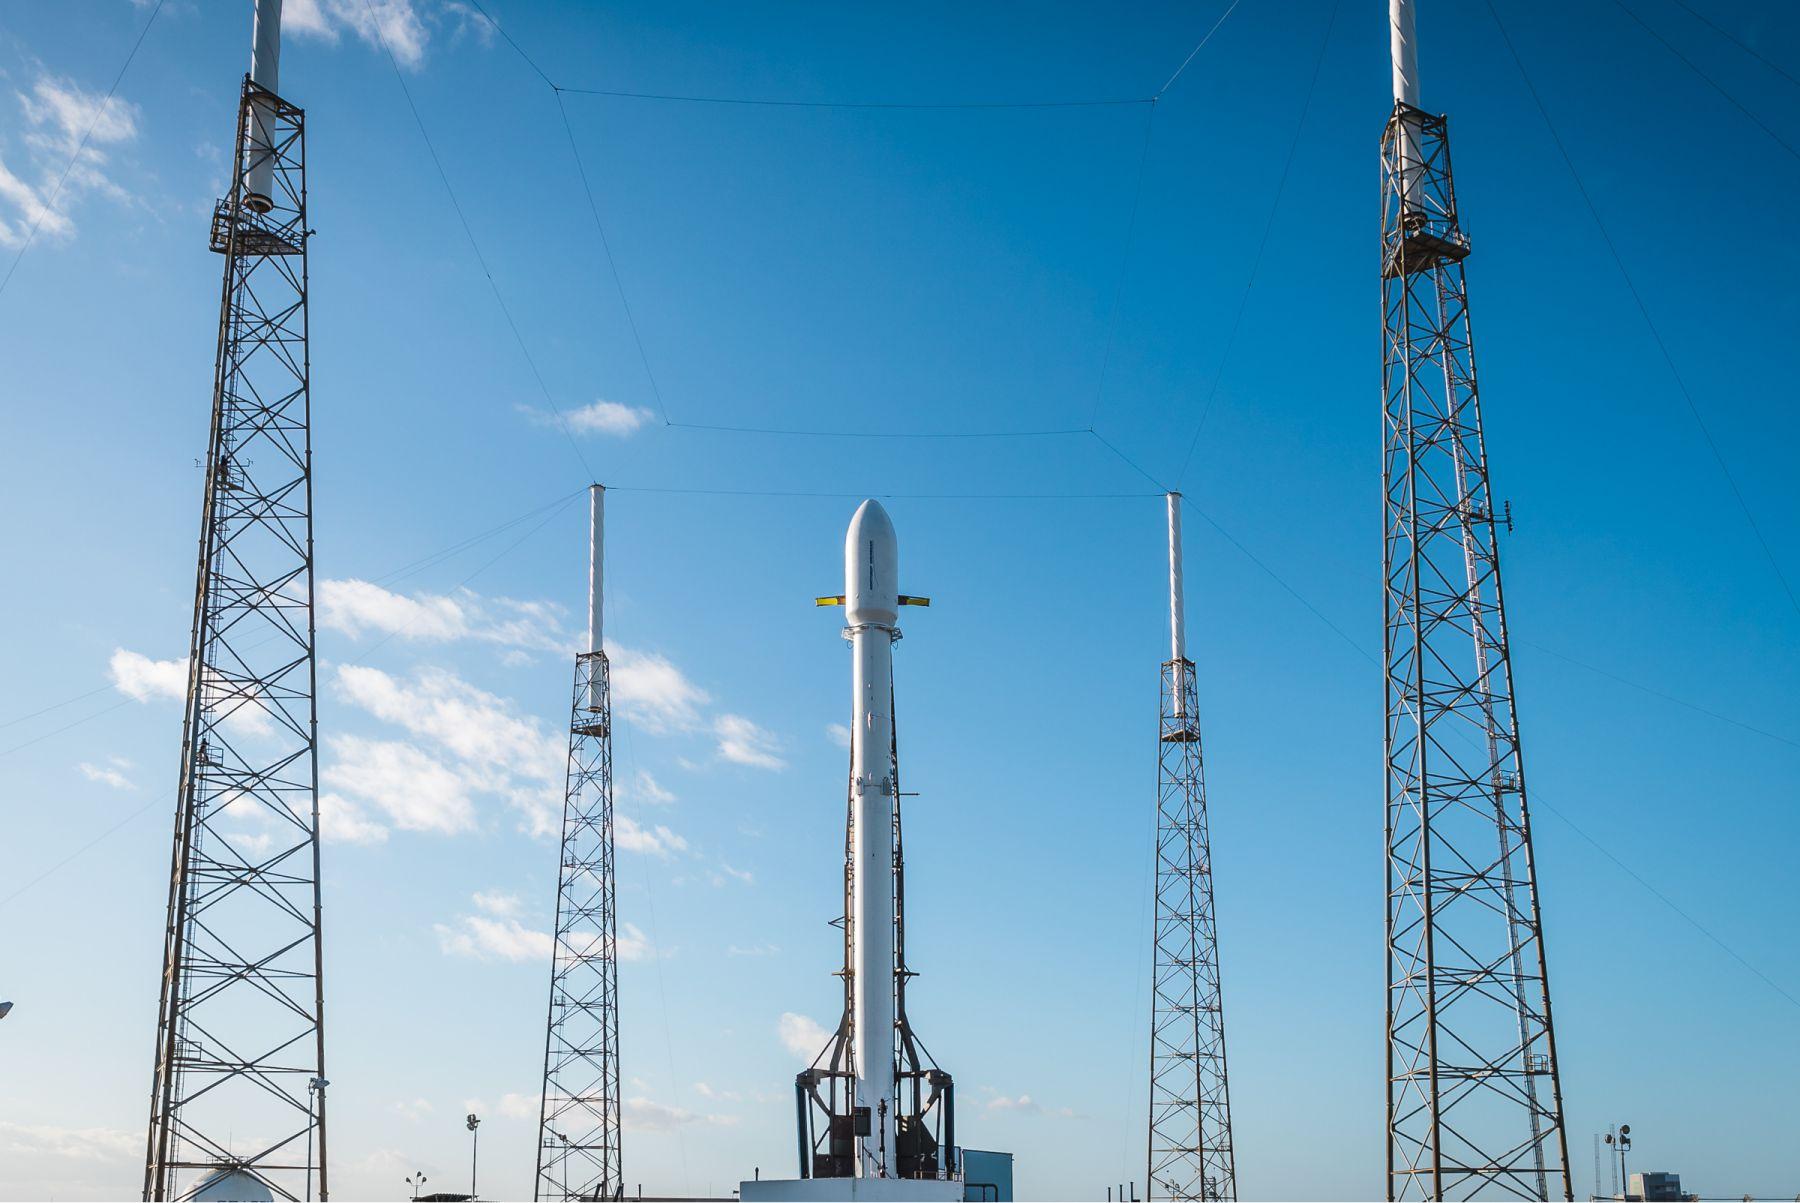 zuma vertical LC40 (SpaceX)